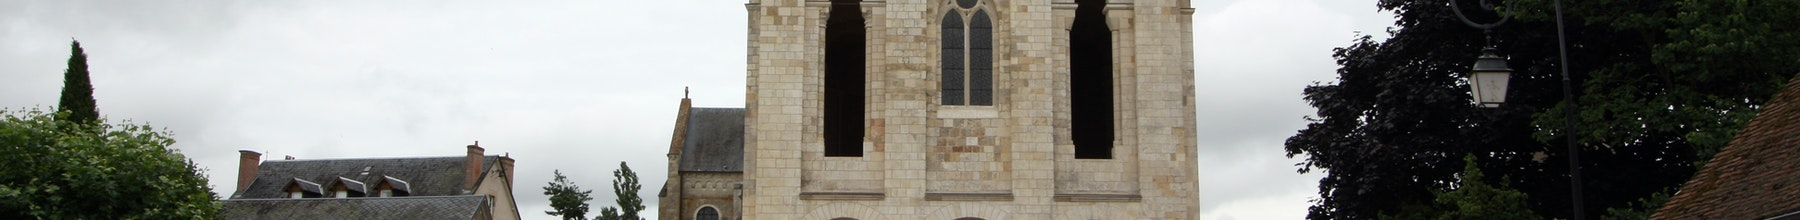 Saint-Benoît-sur-Loire Abbey